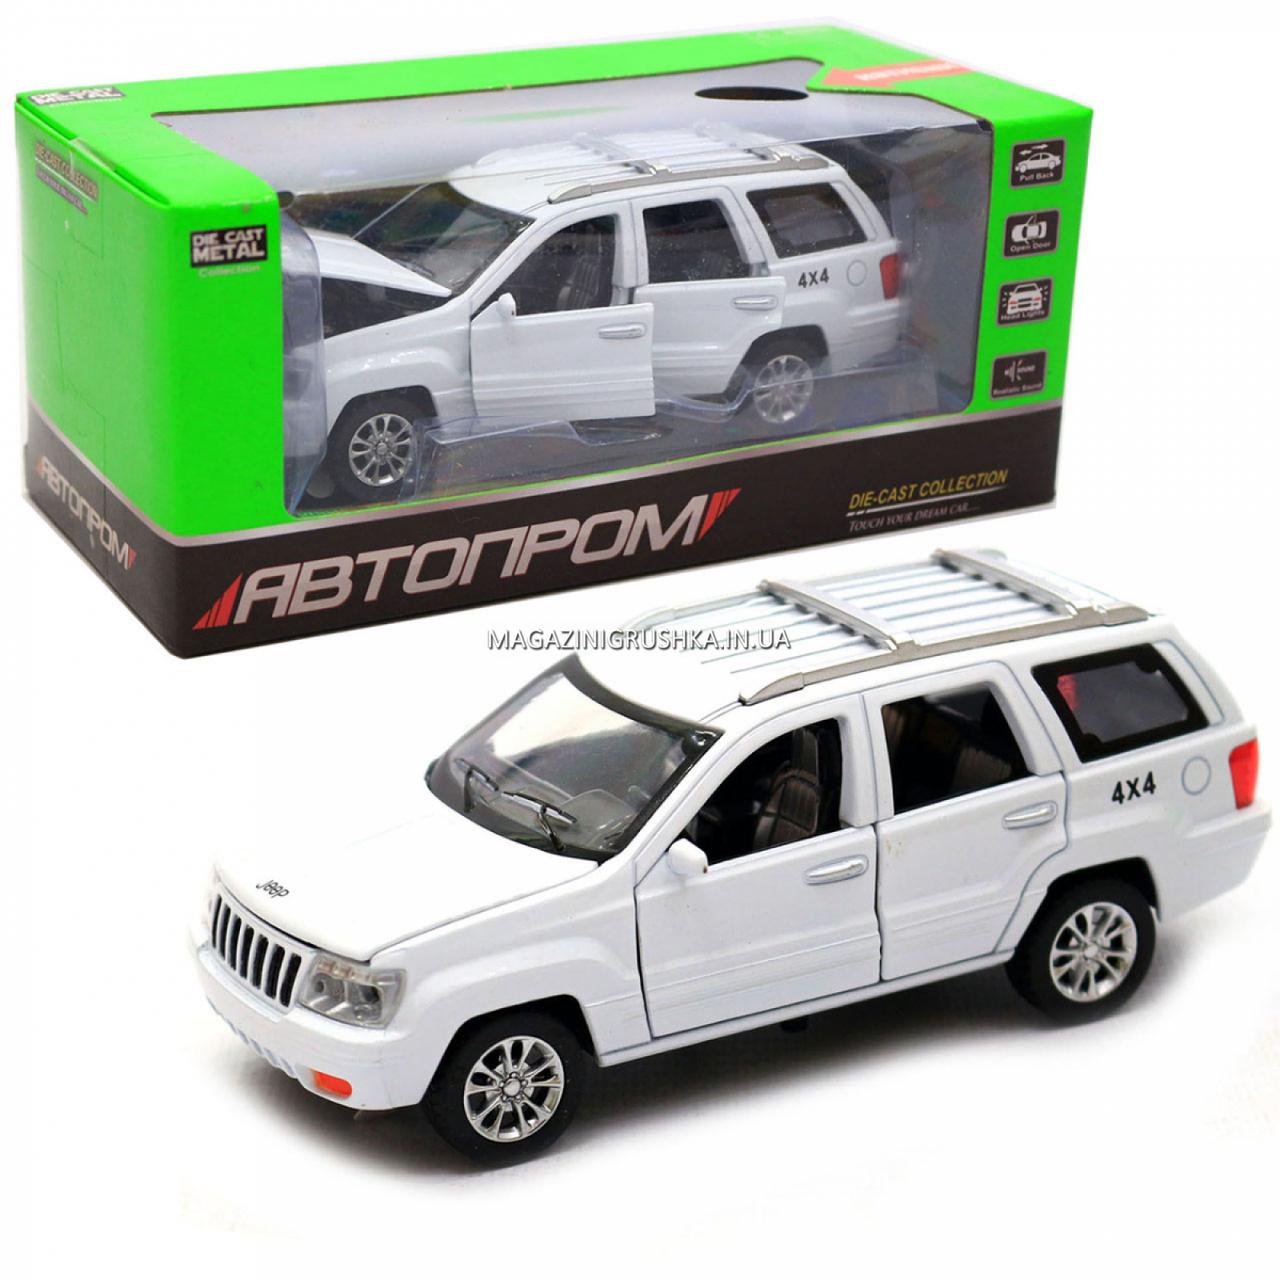 Машинка ігрова автопром «Jeep» (джип) метал, 14 см, білий (світло, звук, двері відкриваються) 7638